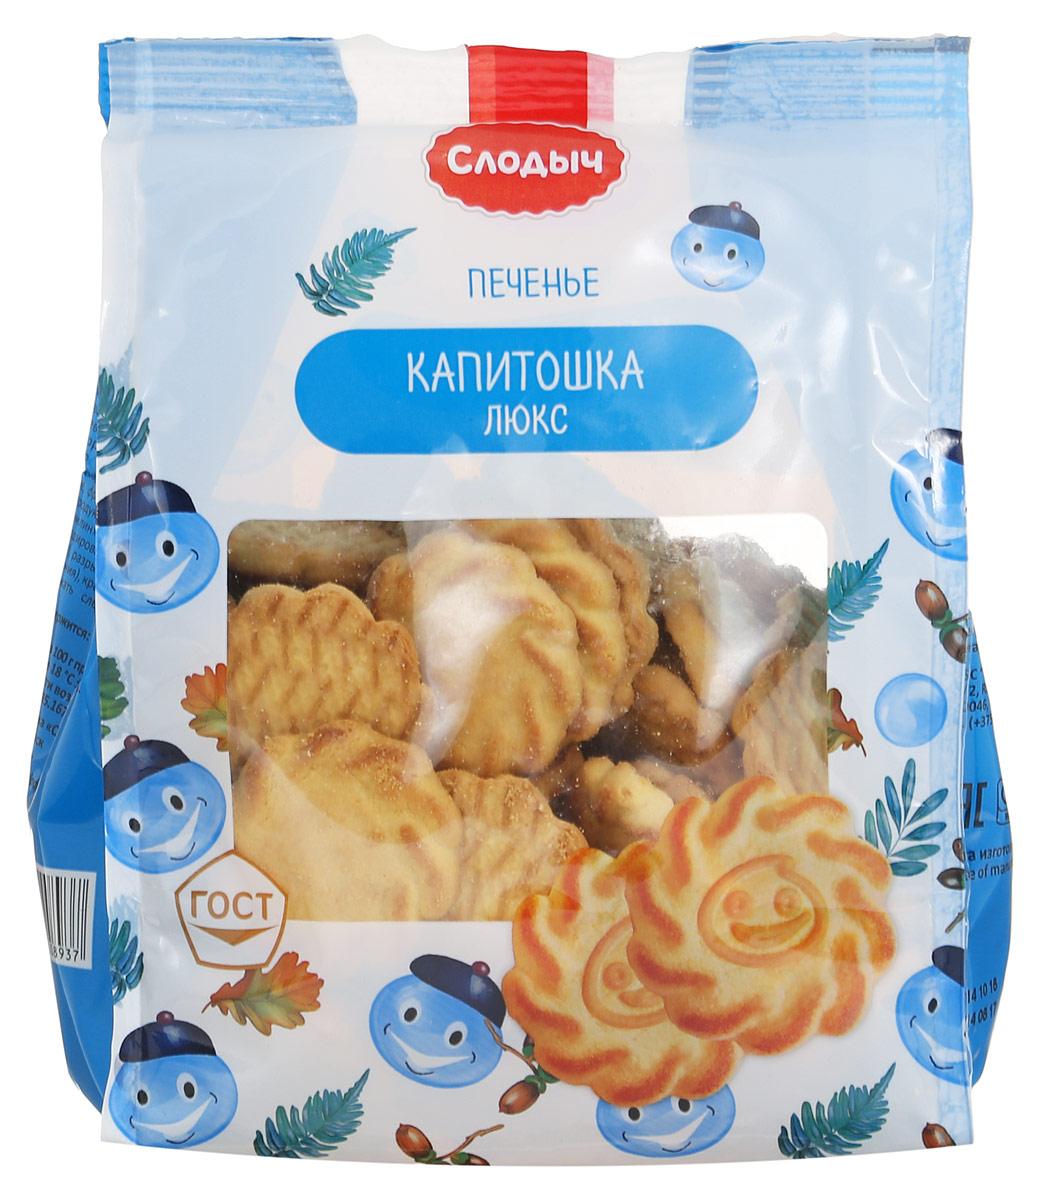 Слодыч Капитошка люкс печенье, 250 г0120710Сахарное печенье Слодыч Капитошка из пшеничной муки высшего сорта с добавлением сахара, маргарина, сыворотки молочной сухой, ванильной пудры и бета-каротина. Бета-каротин является важным источником витамина А, а также антиоксидантом. Поверхность печенья покрыта взбитым яйцом.